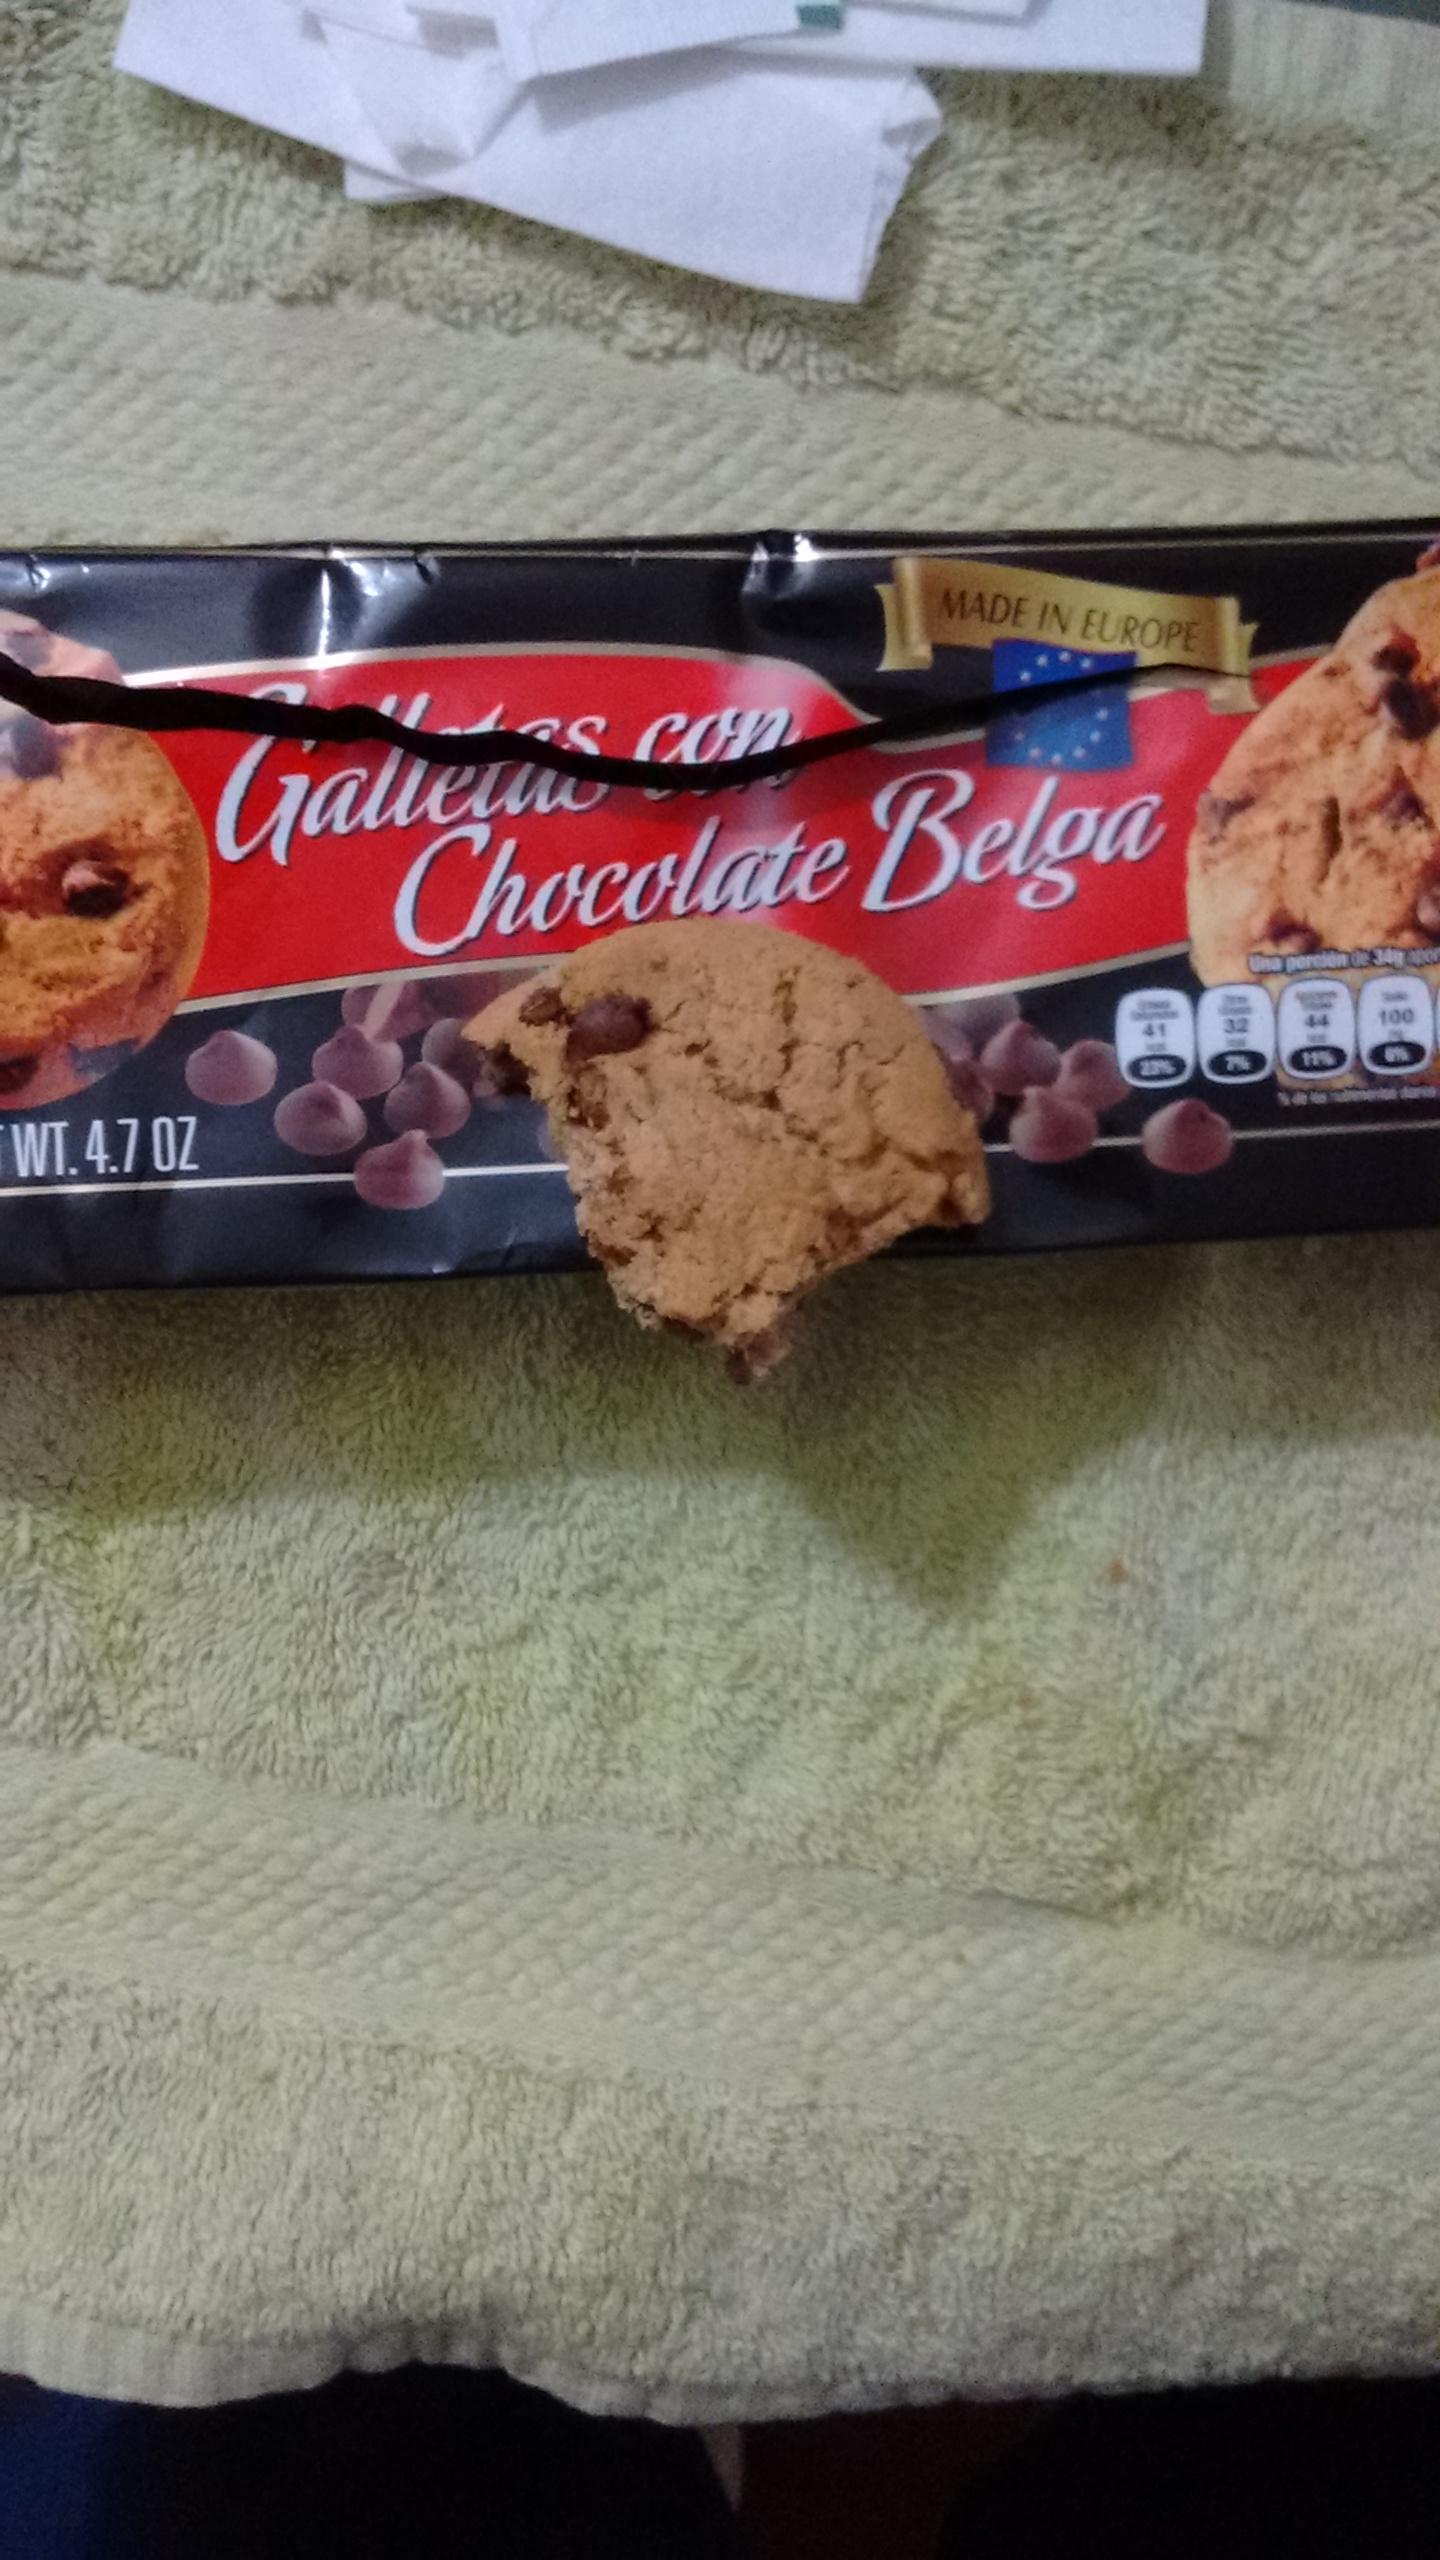 Walmart Las Flores: galletas con chispas de chocolate